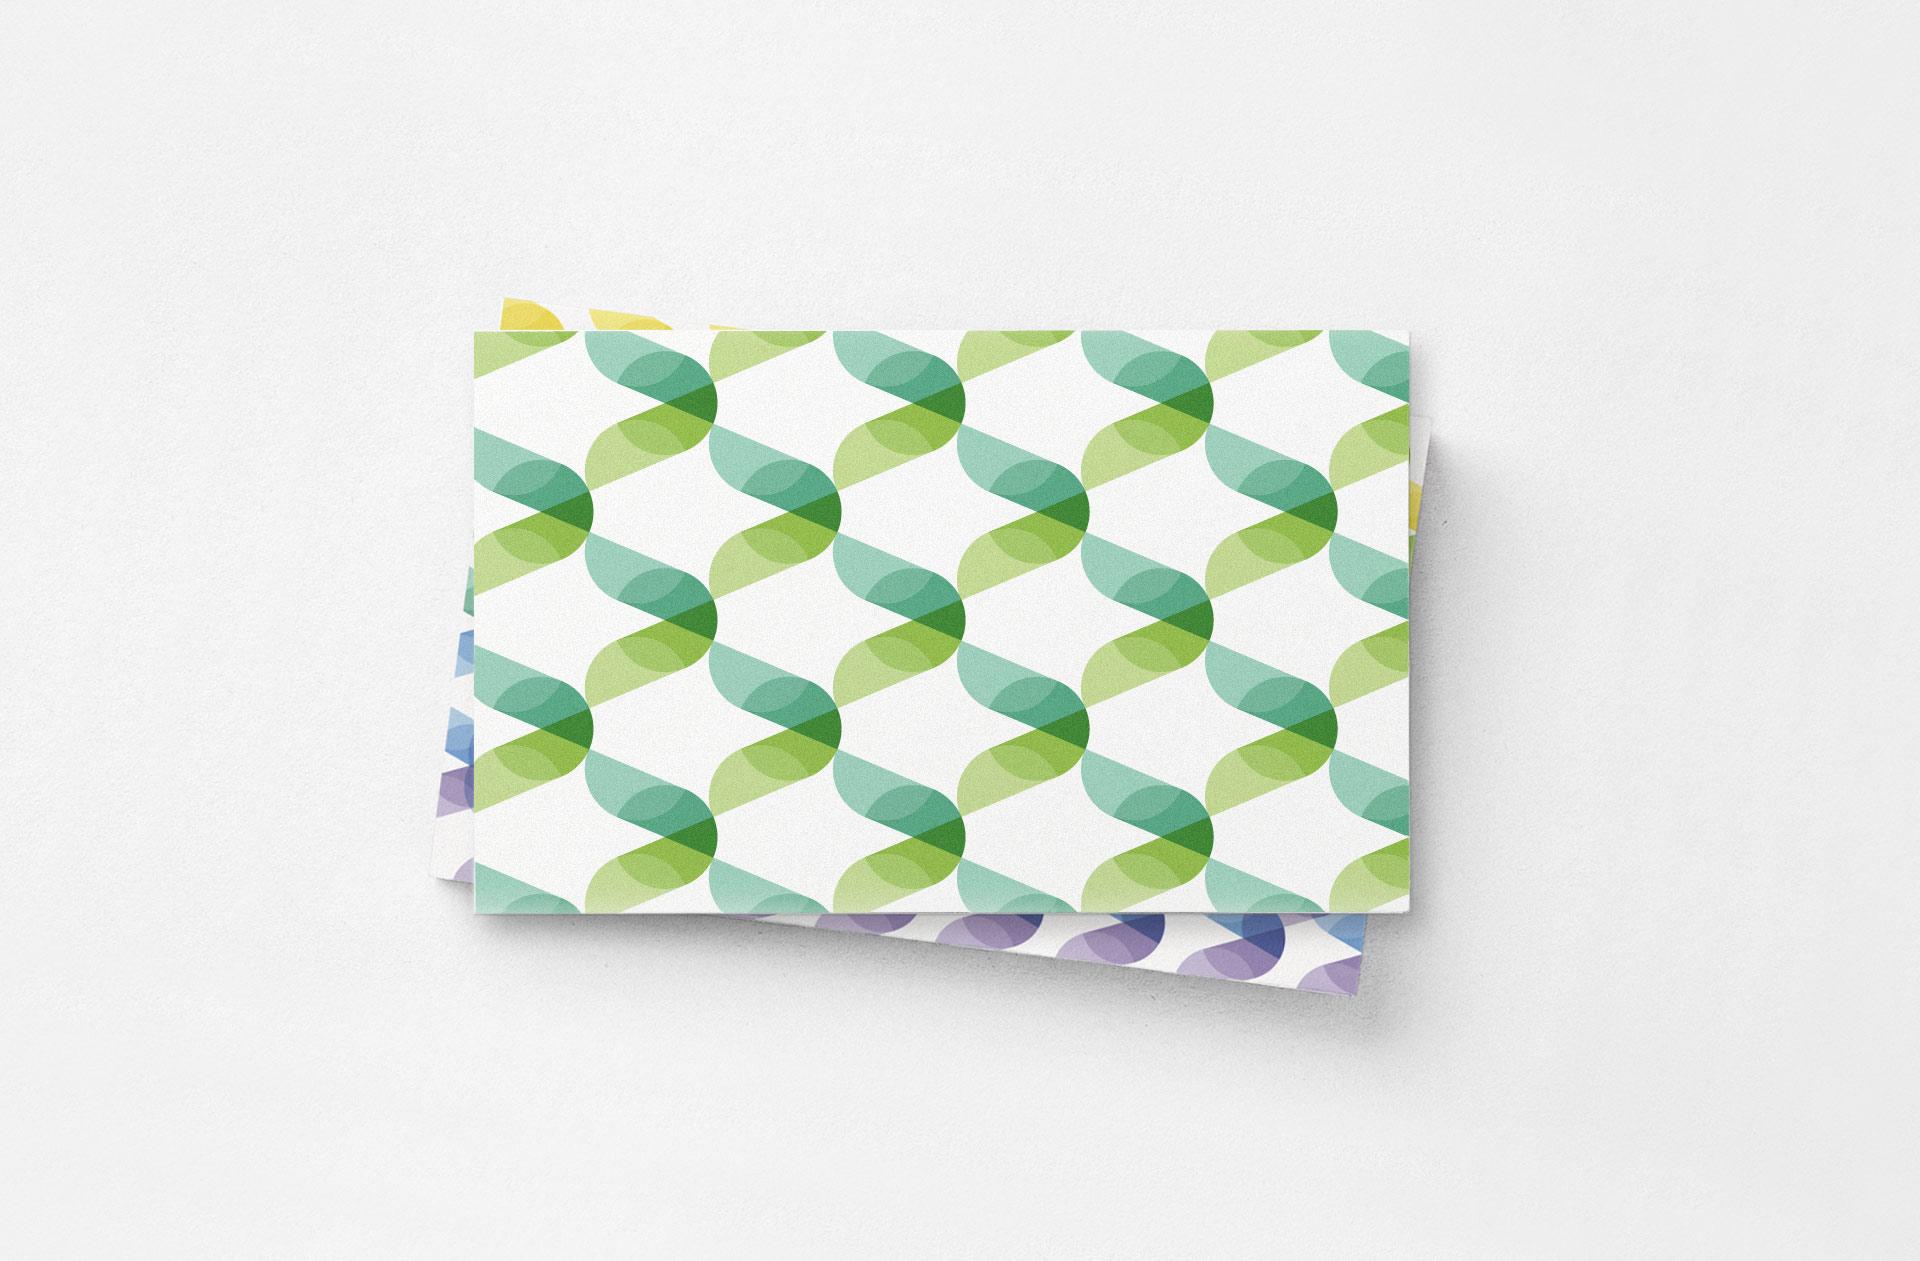 Fase, estudio de diseño gráfico. Identidad corporativa de Innovación Abierta, Universitat Politècnica de València. Texturas